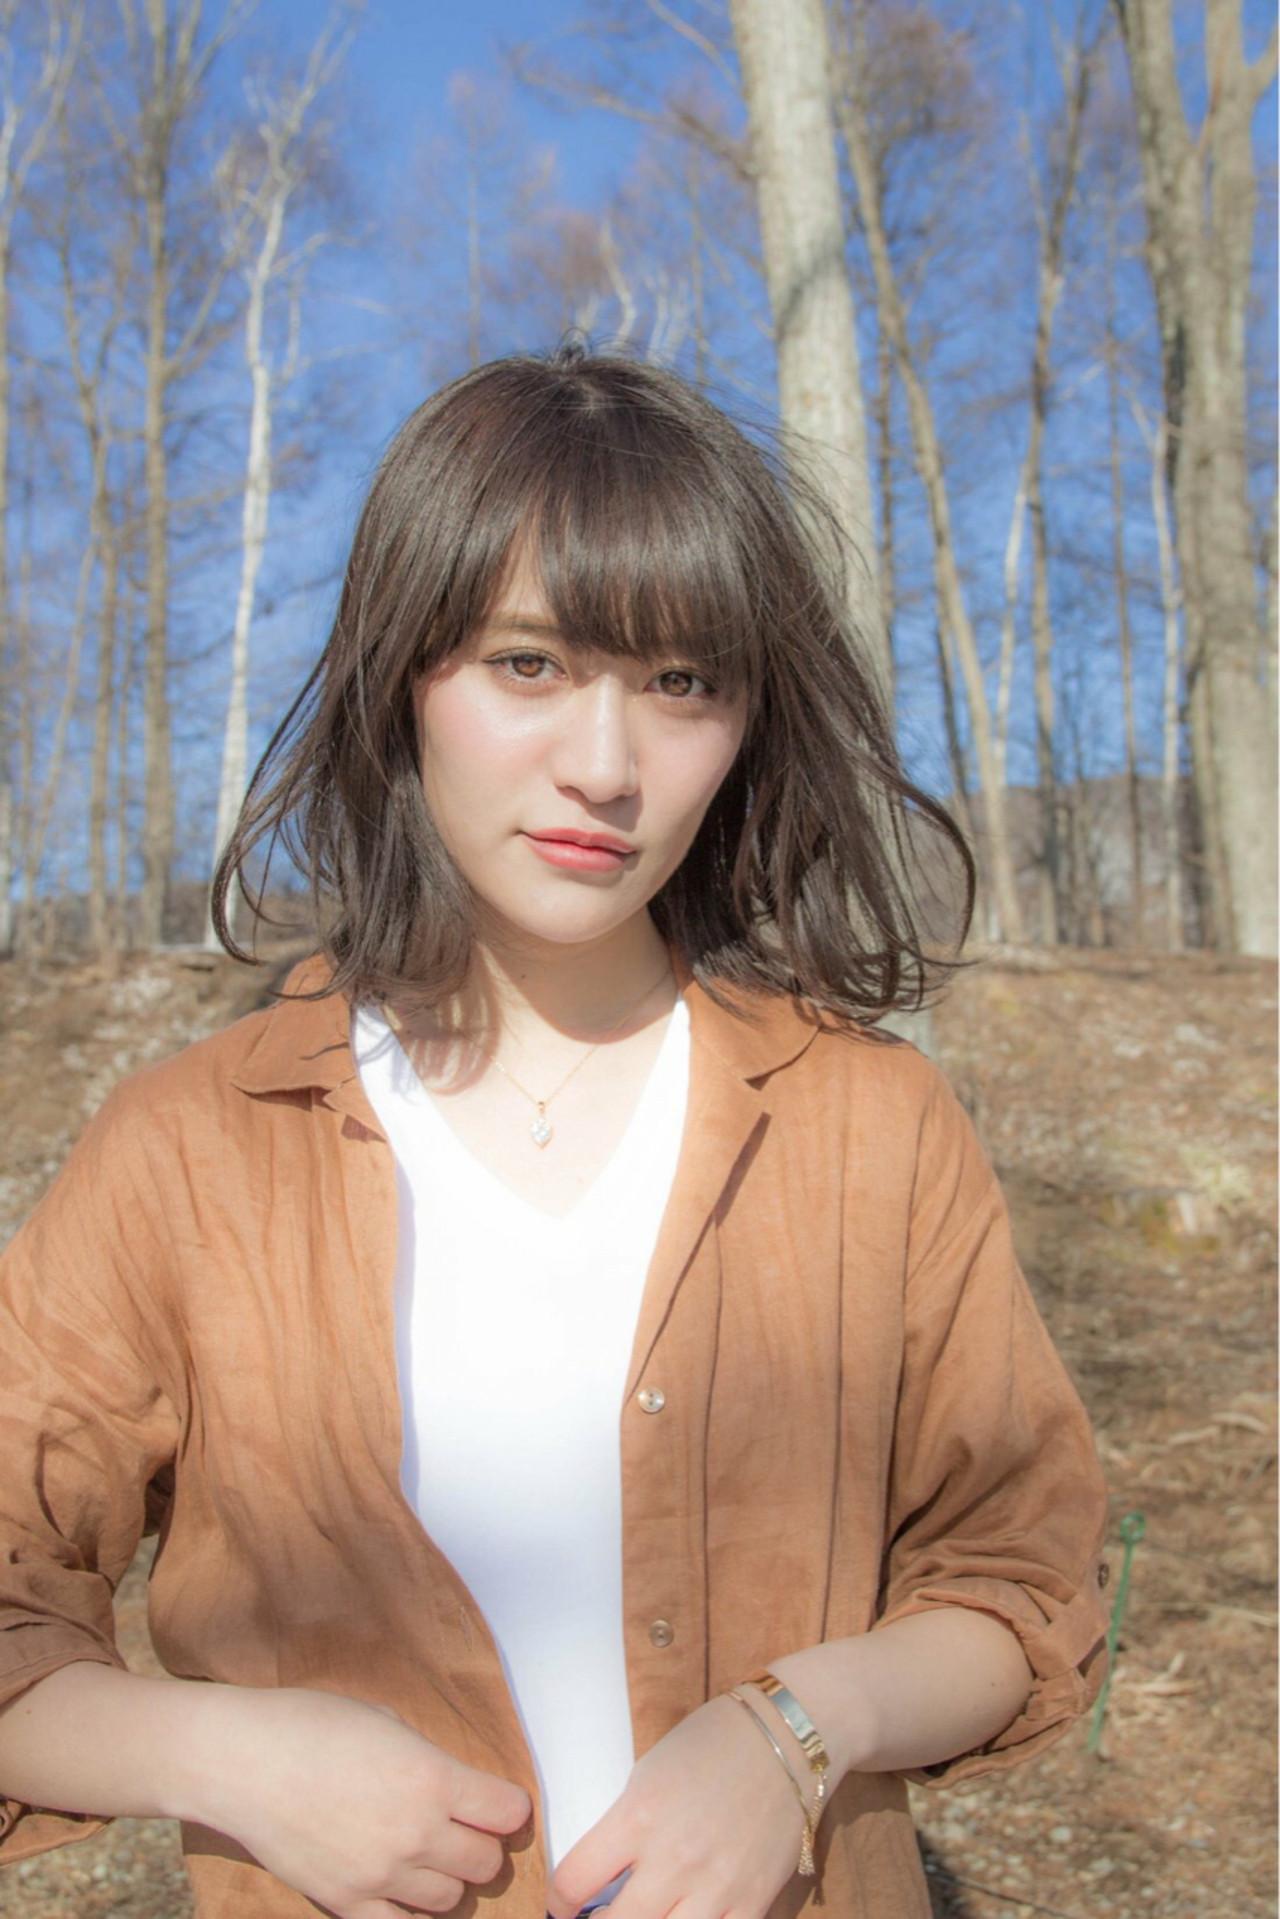 ミディアム 大人かわいい アンニュイ リラックス ヘアスタイルや髪型の写真・画像